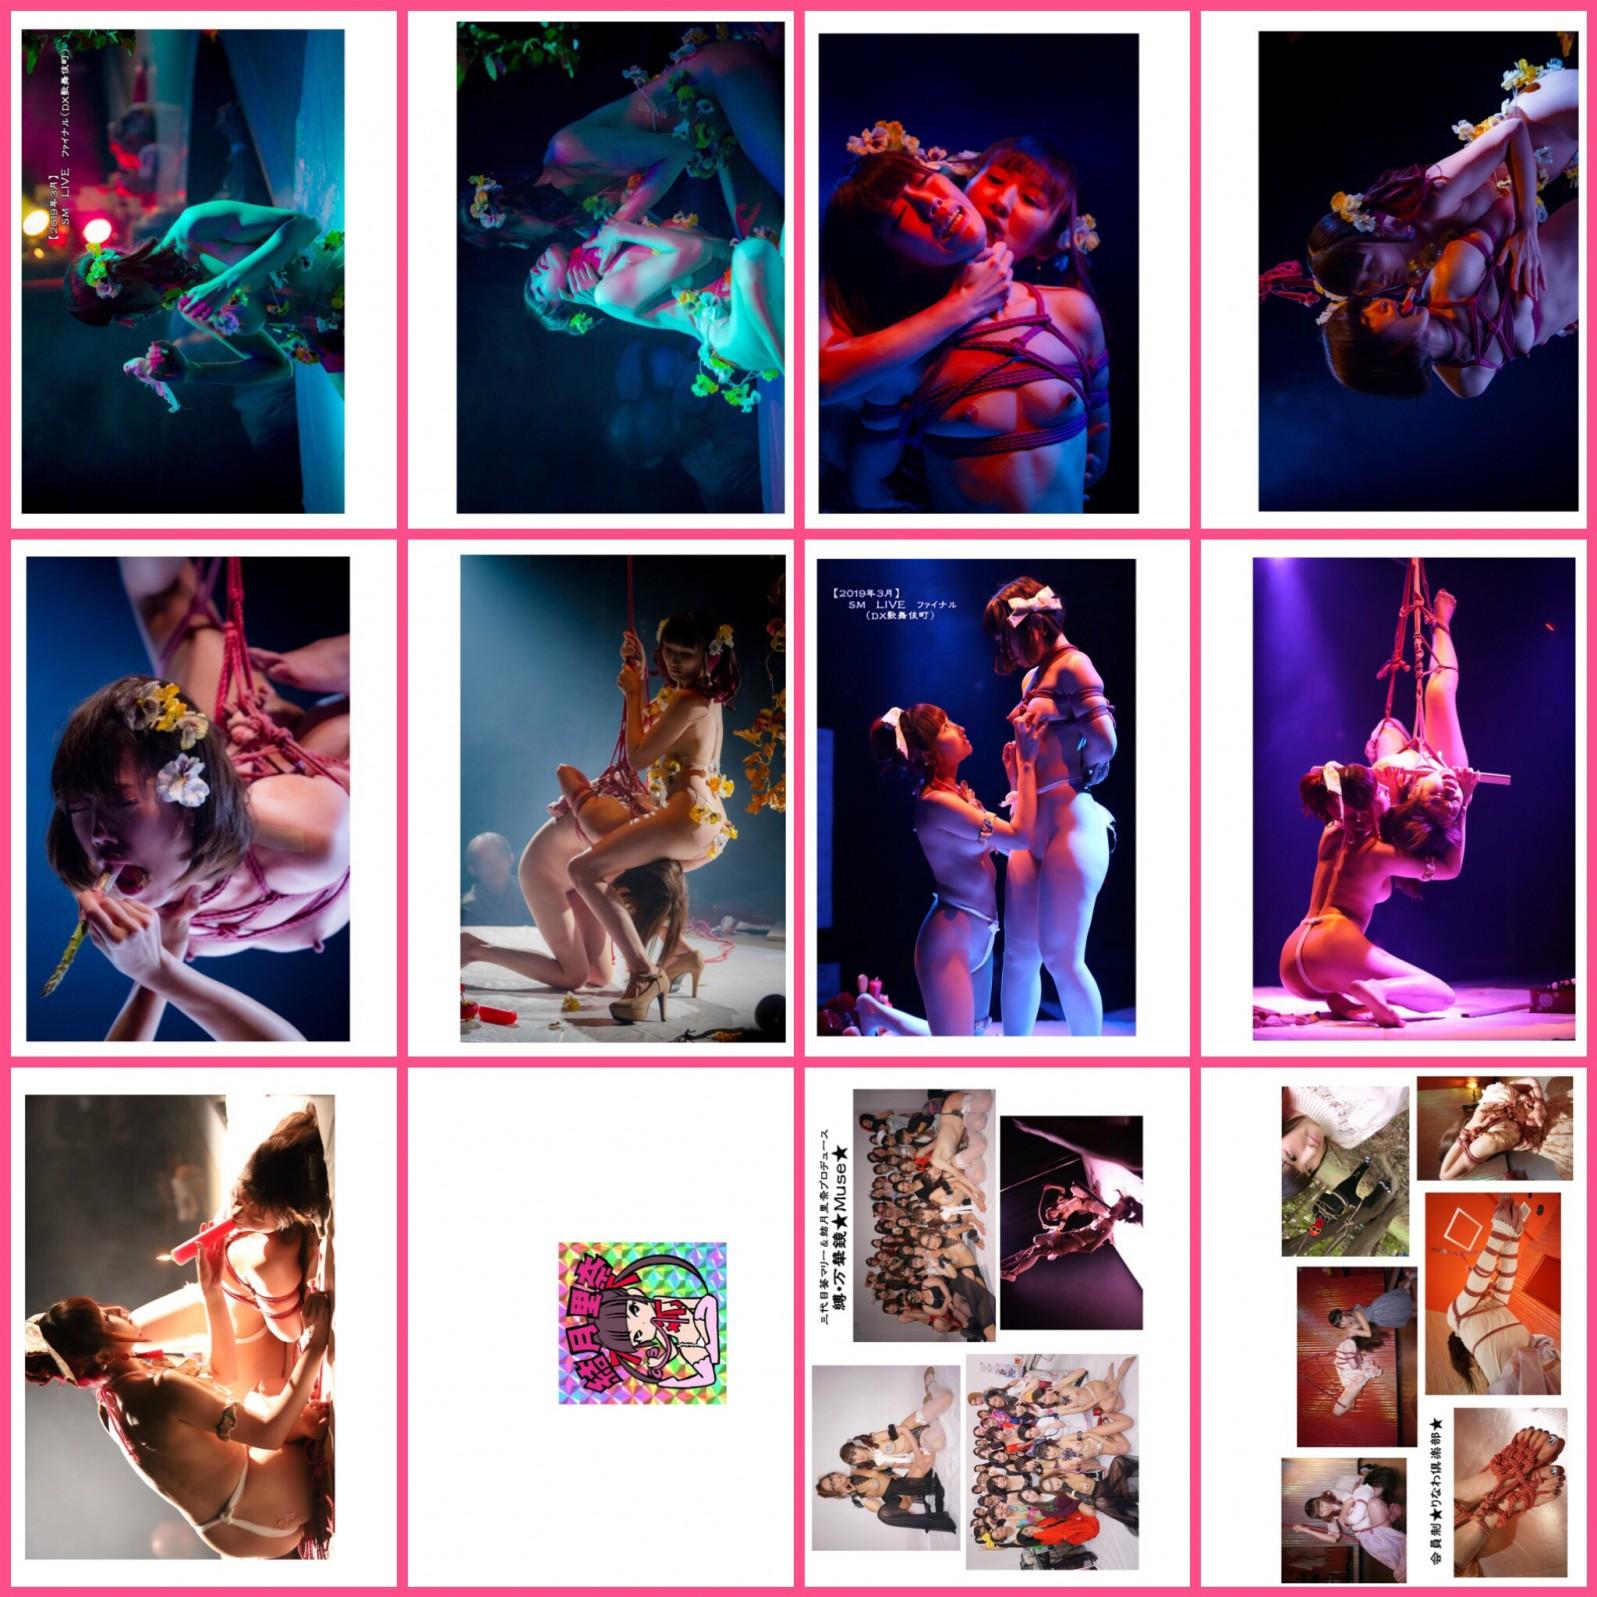 moblog_57d4a6af.jpg